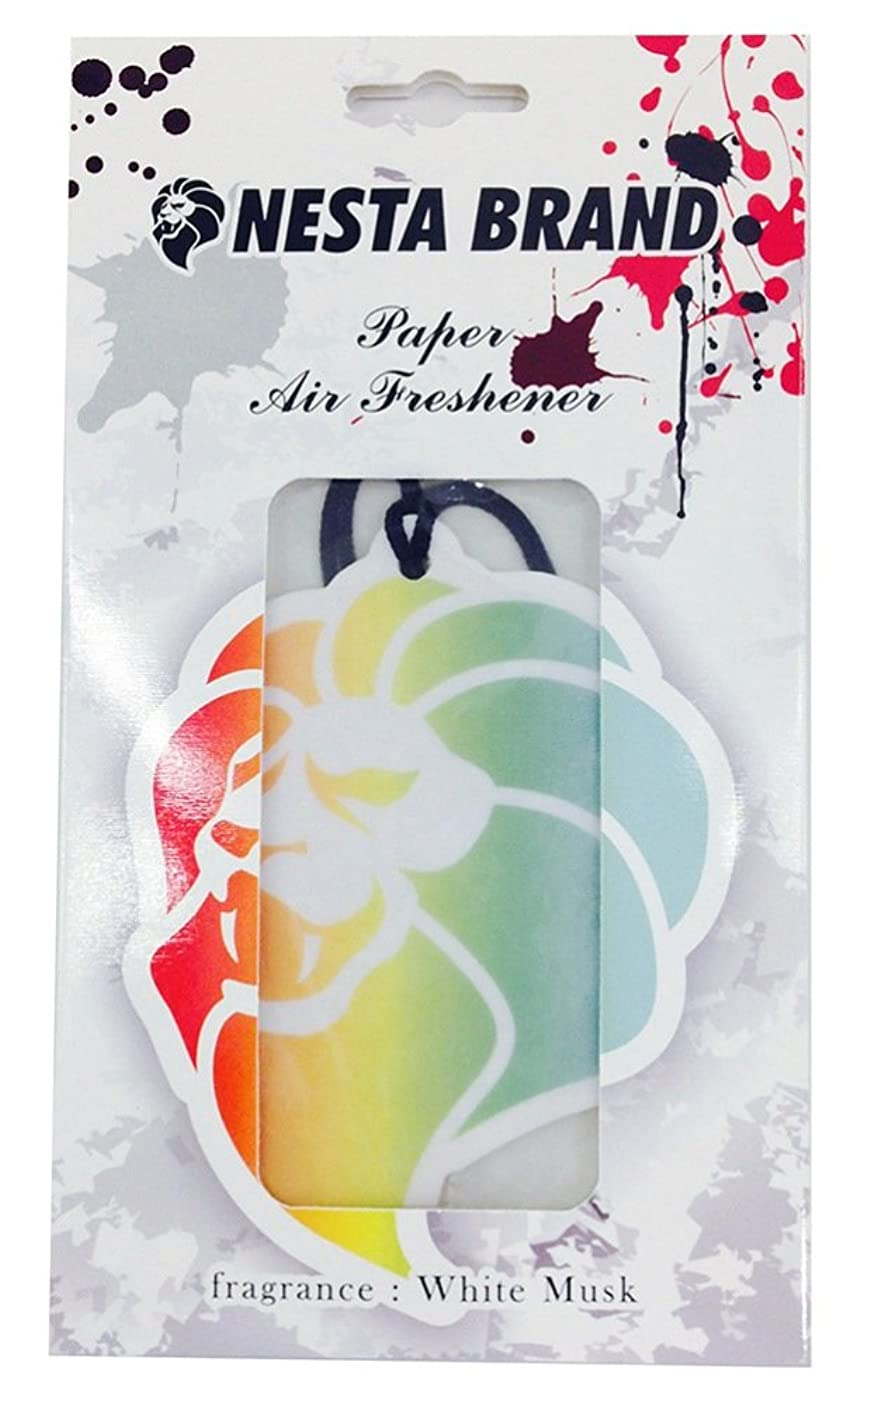 貢献するささいな臨検ネスタブランド エアーフレッシュナー 吊り下げ ホワイトムスクの香り OA-NNA-11-2